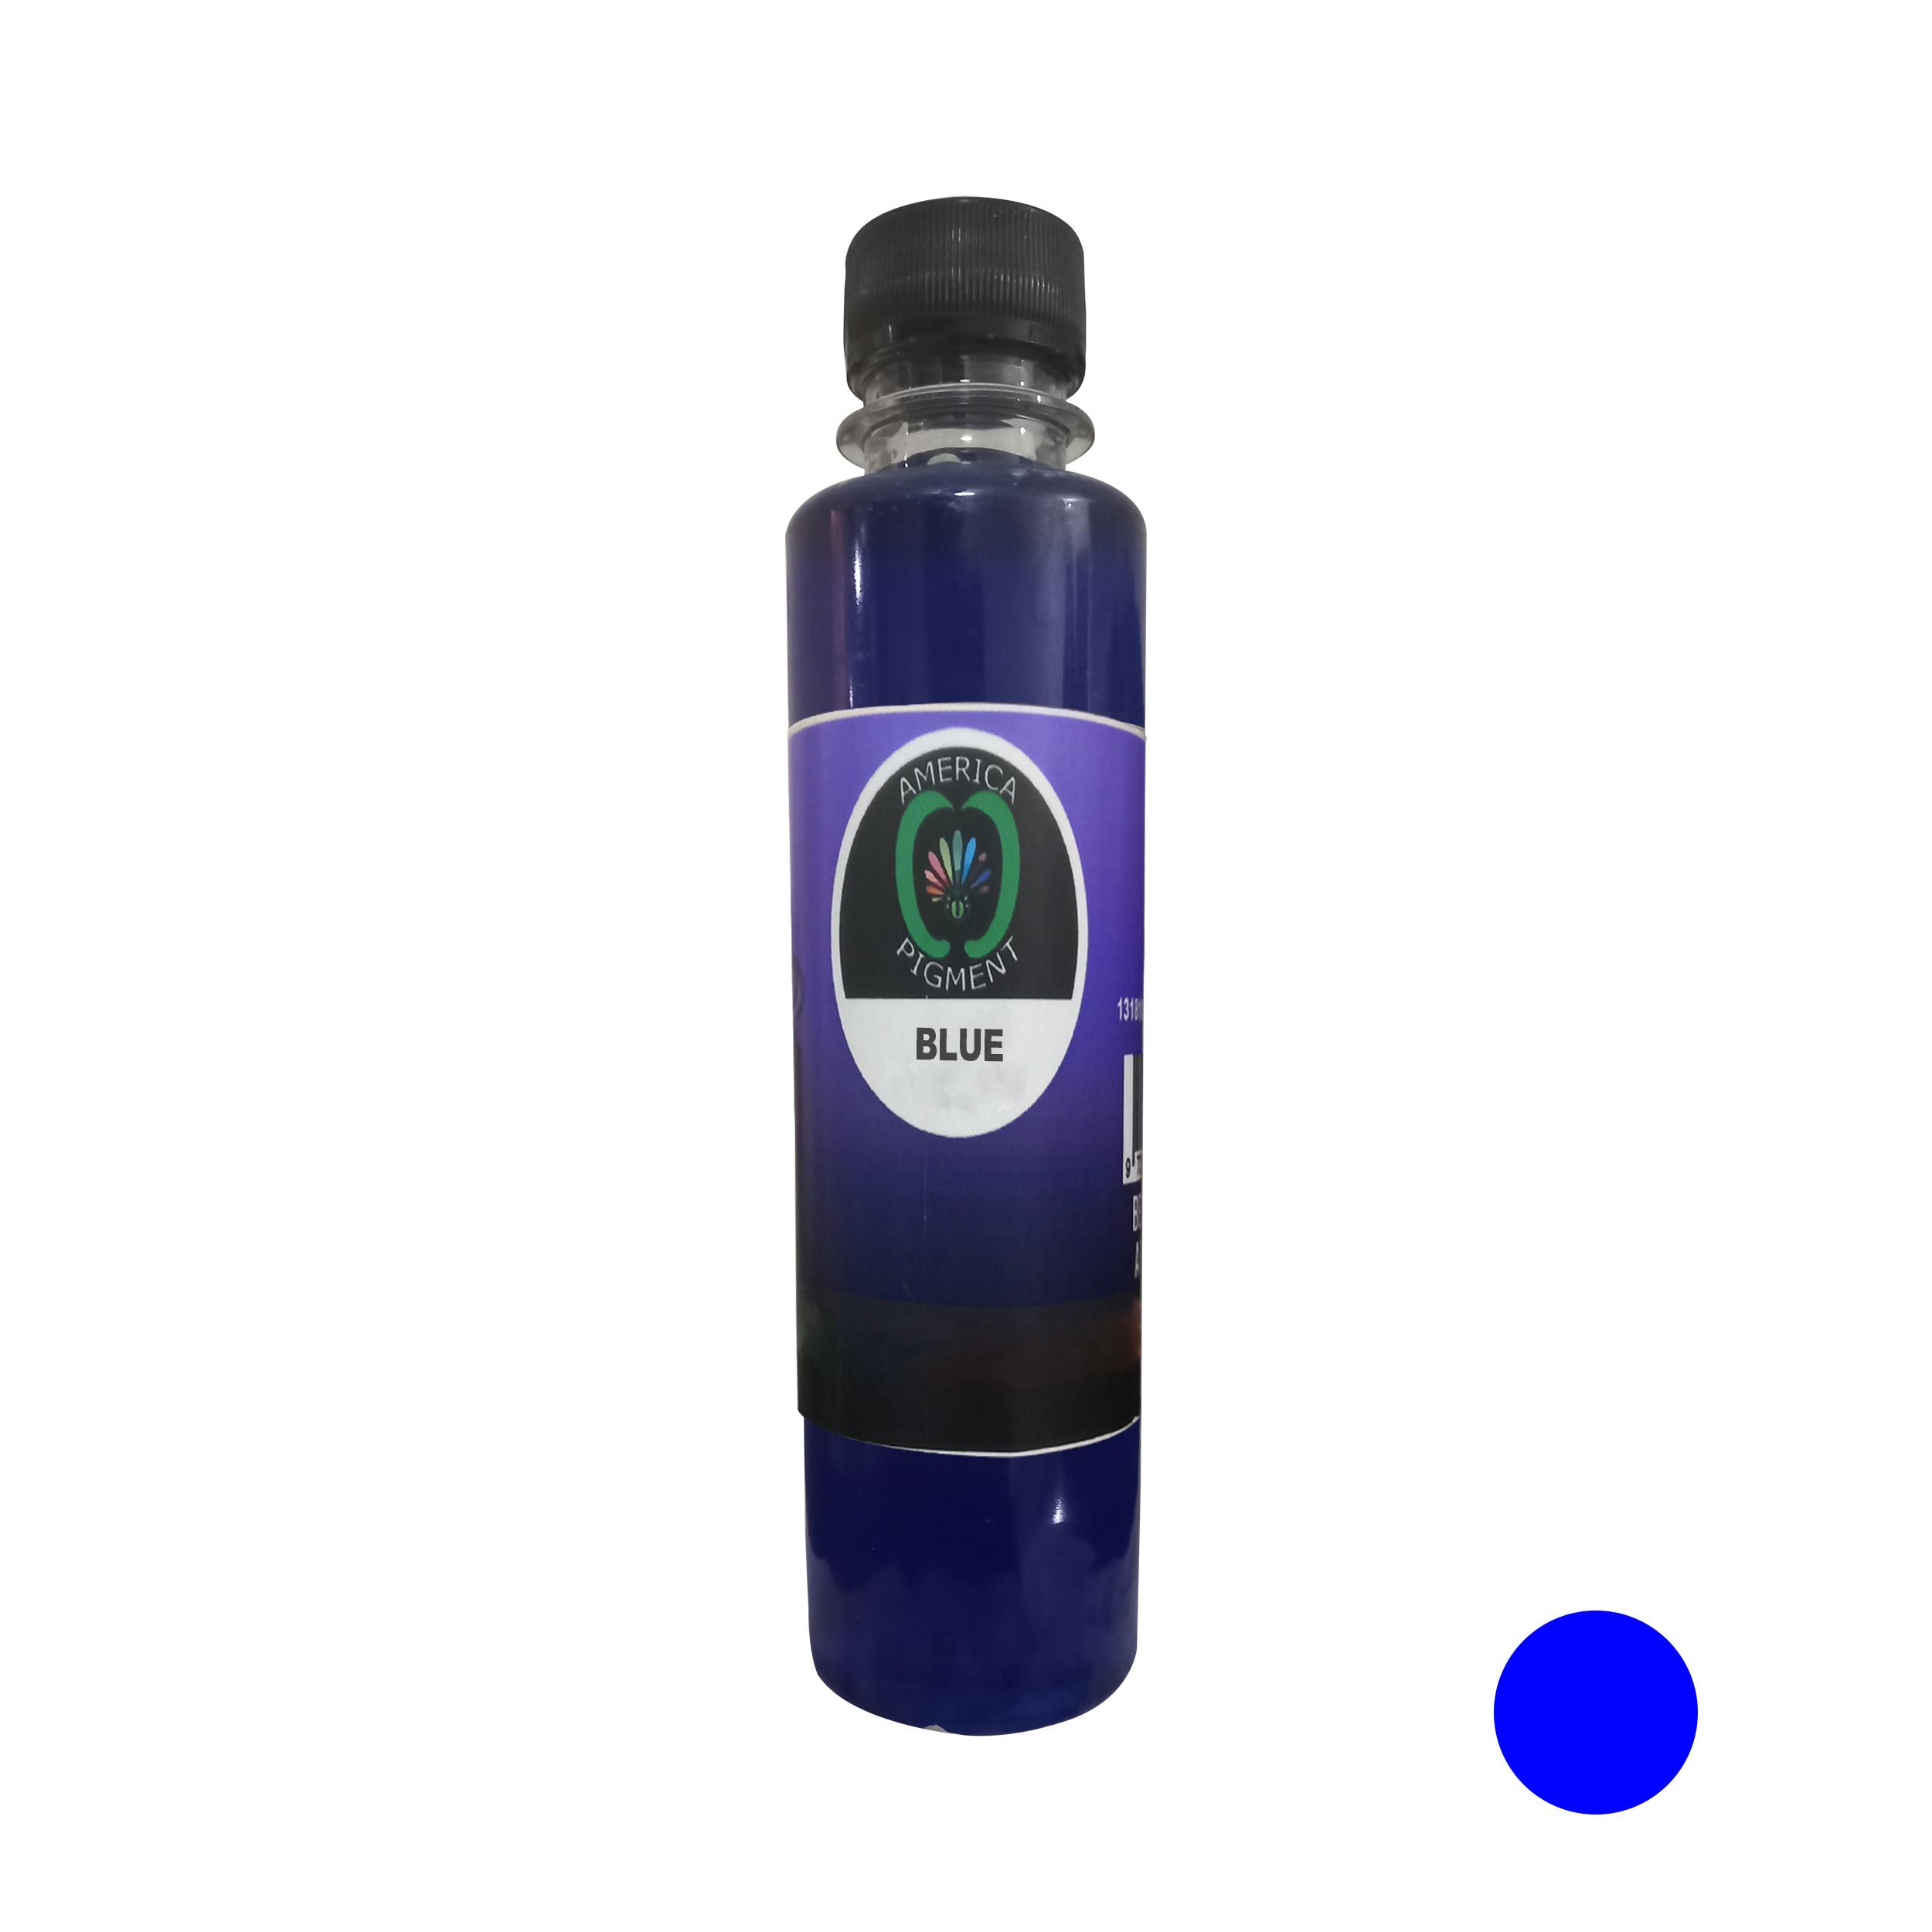 لیکویید رنگ مو آمریکاپیگمنت شماره 009 حجم 250 میلی لیتر رنگ آبی